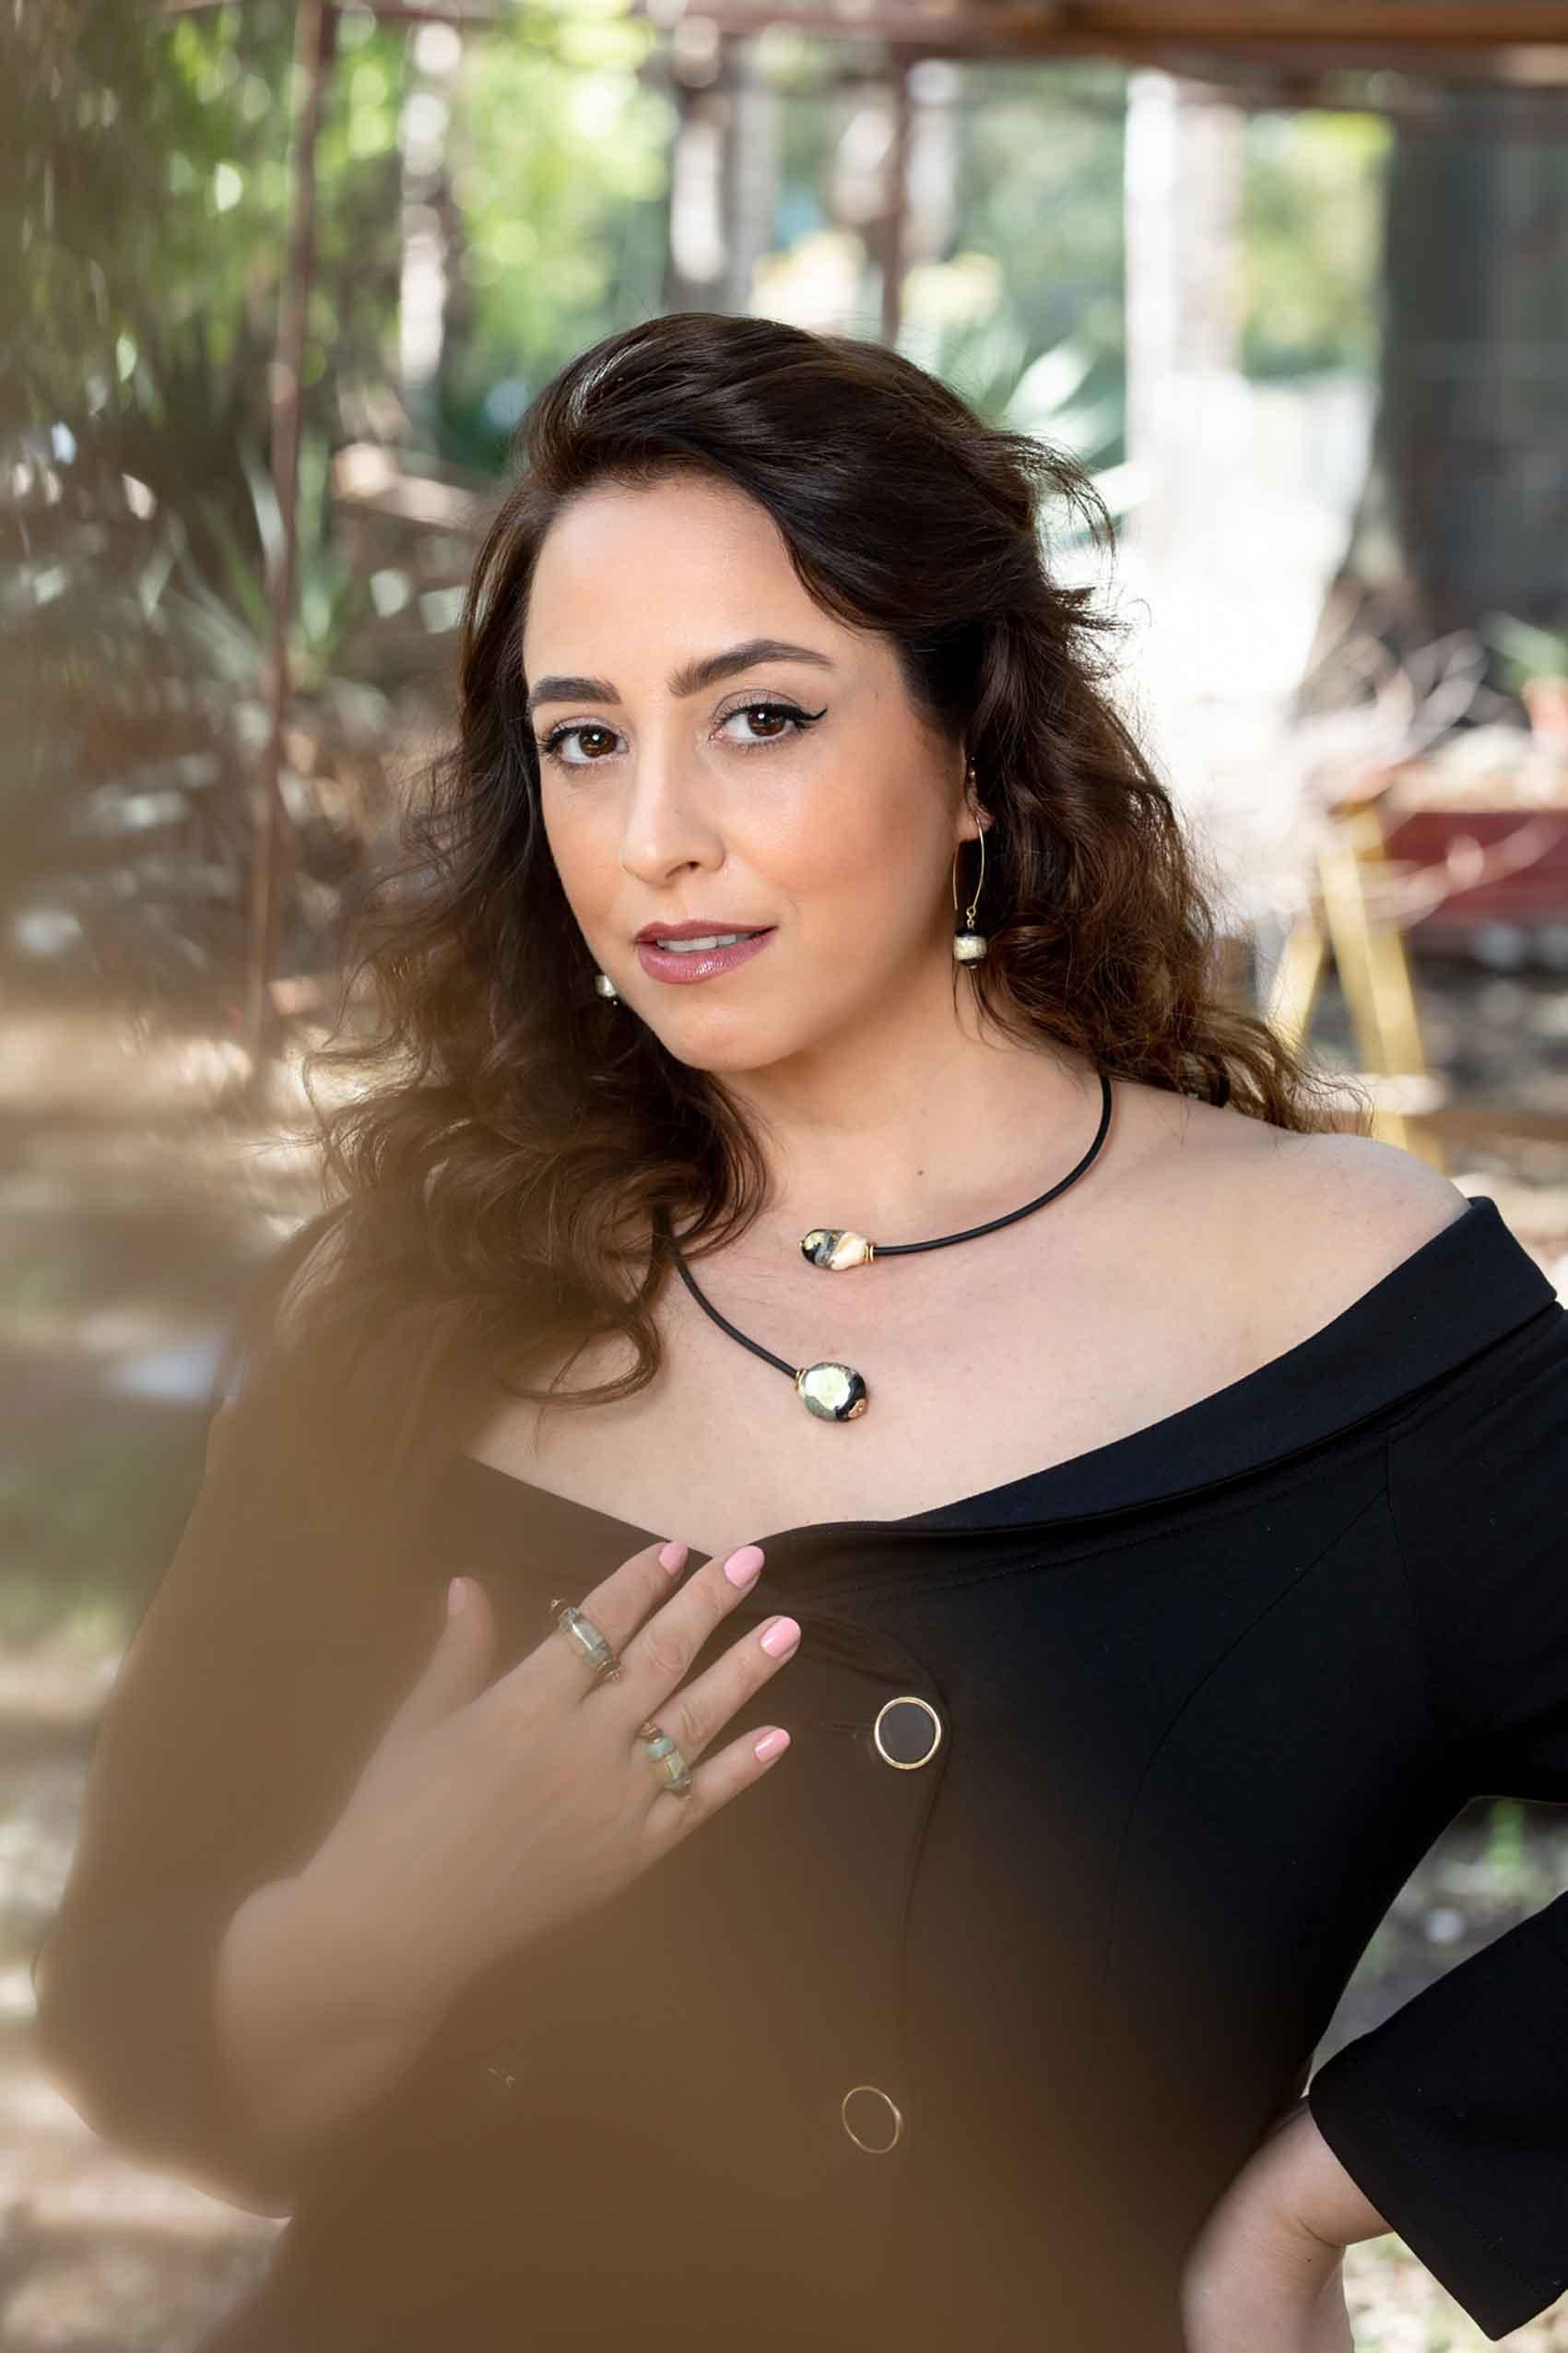 אופנה- Anat Eyal Design. טלי ארבל, צילום: שלי פדן-לורבר